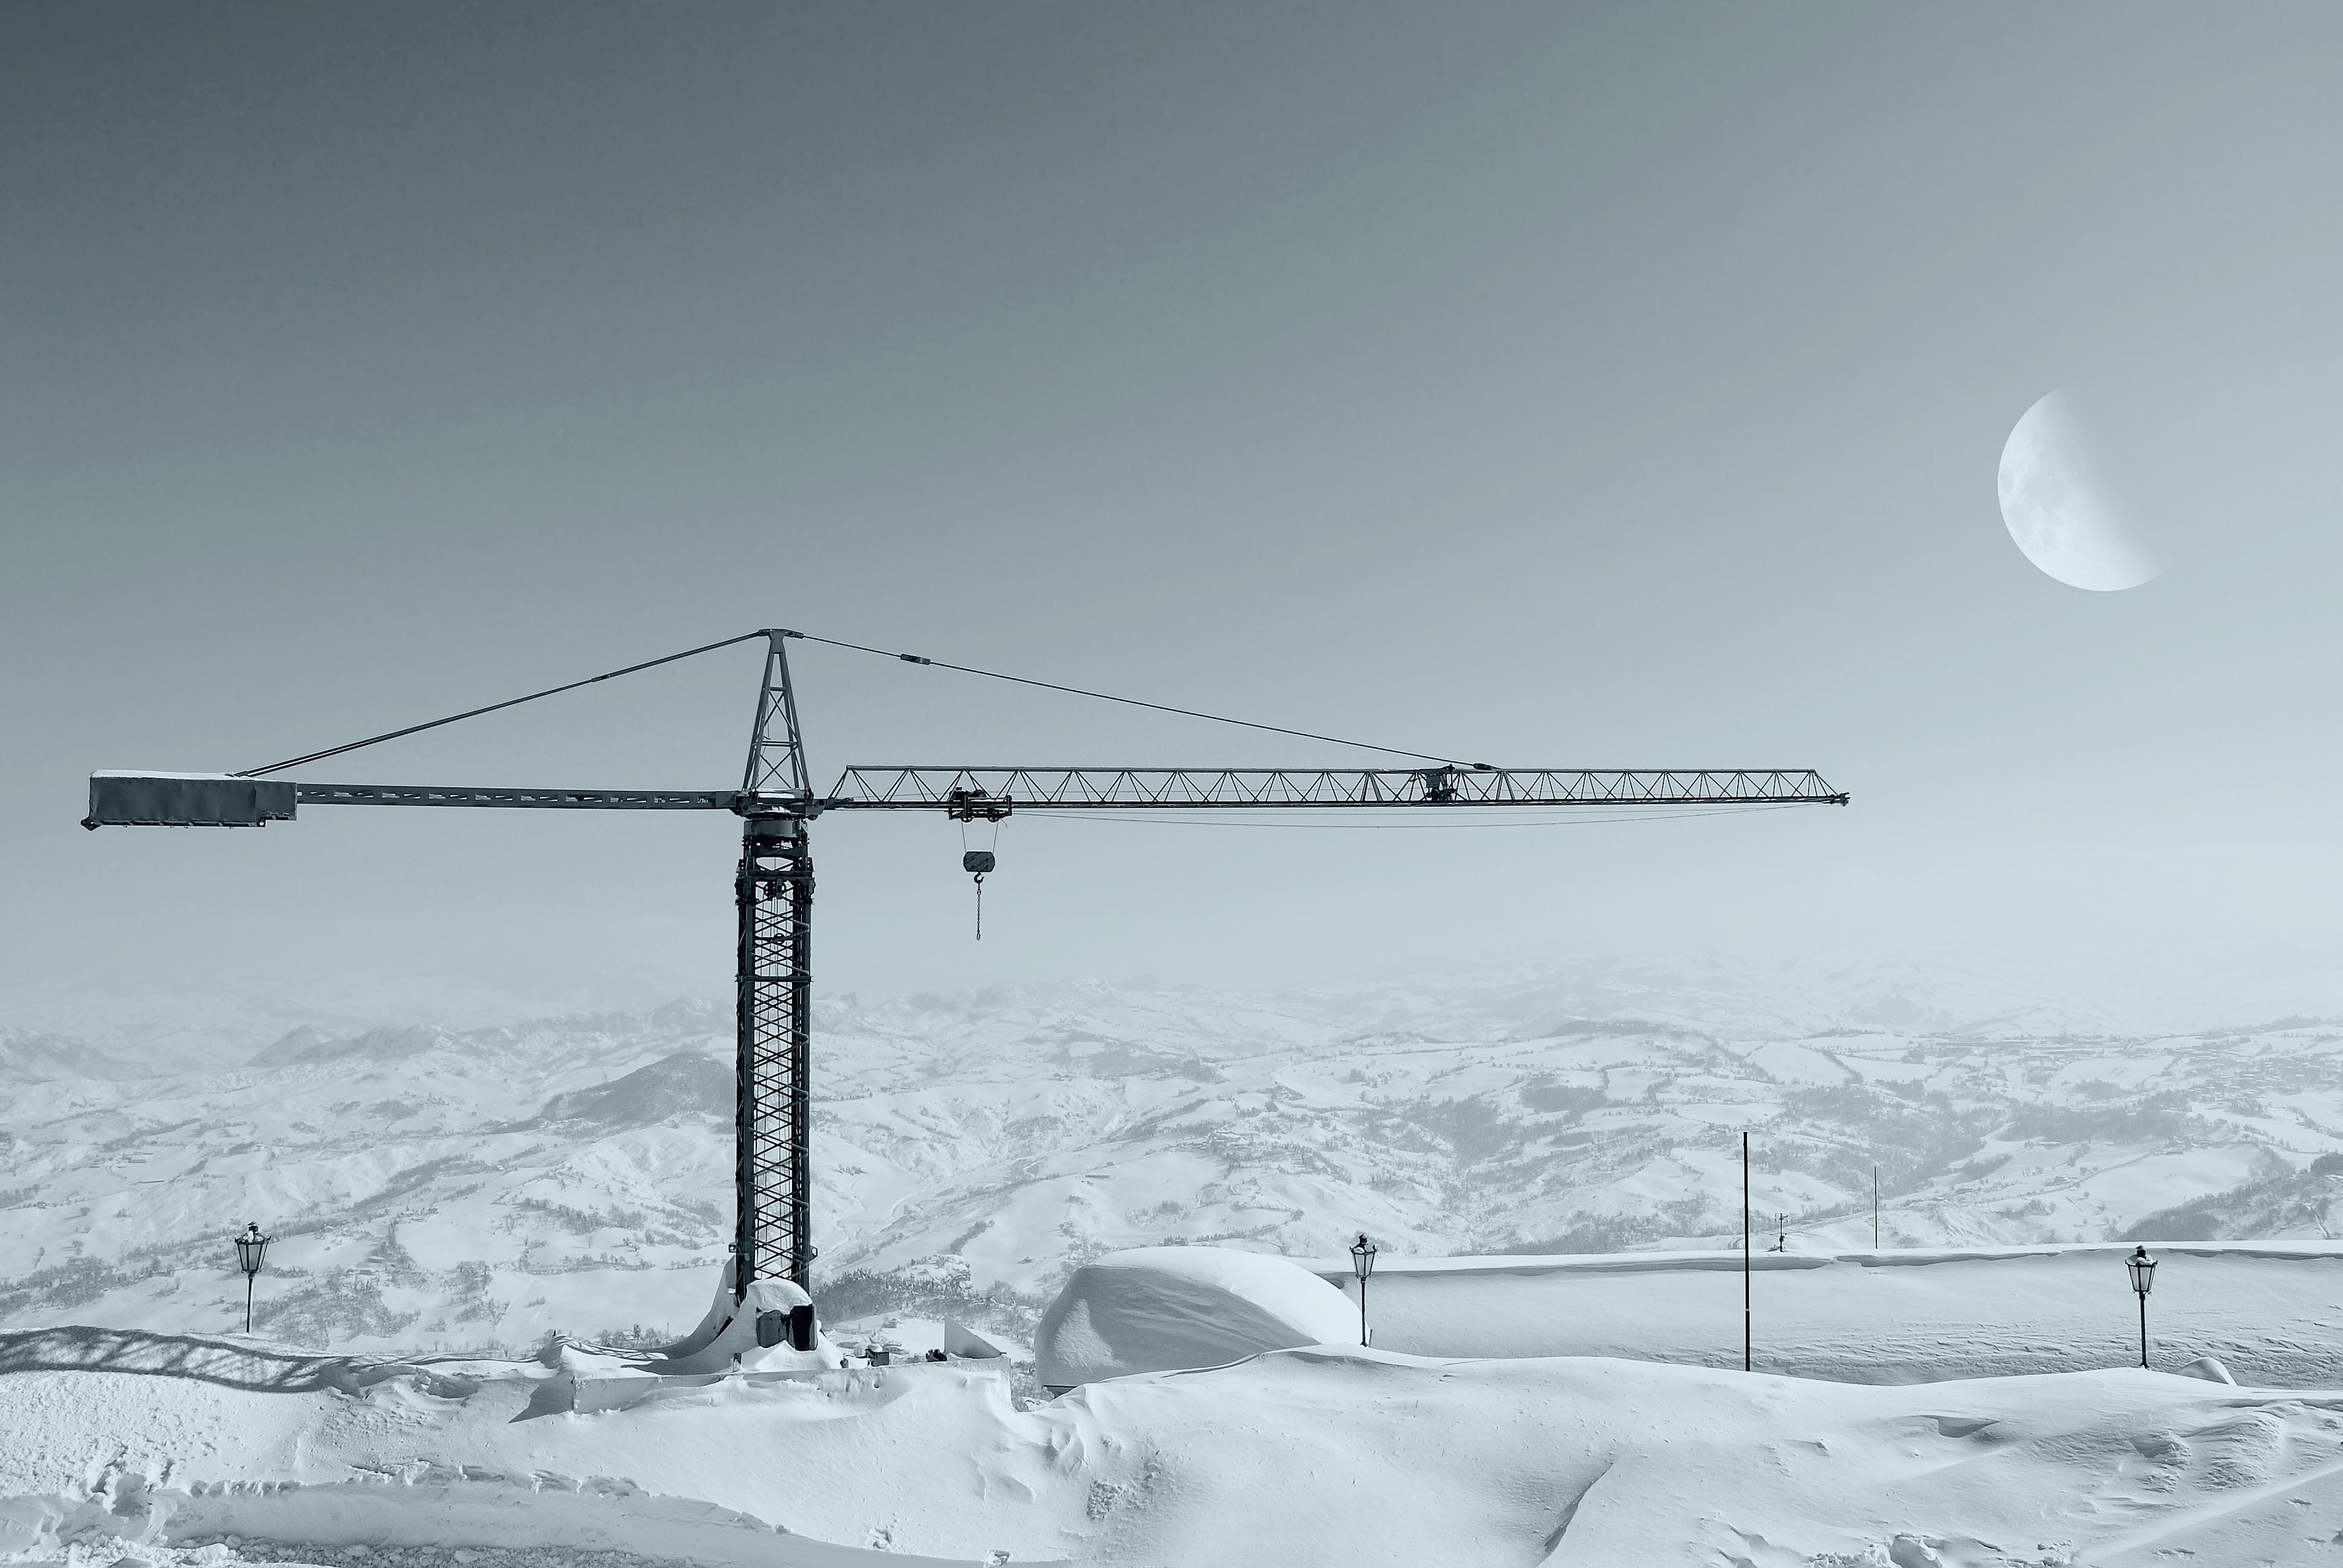 Kran im Winter auf einer Baustelle